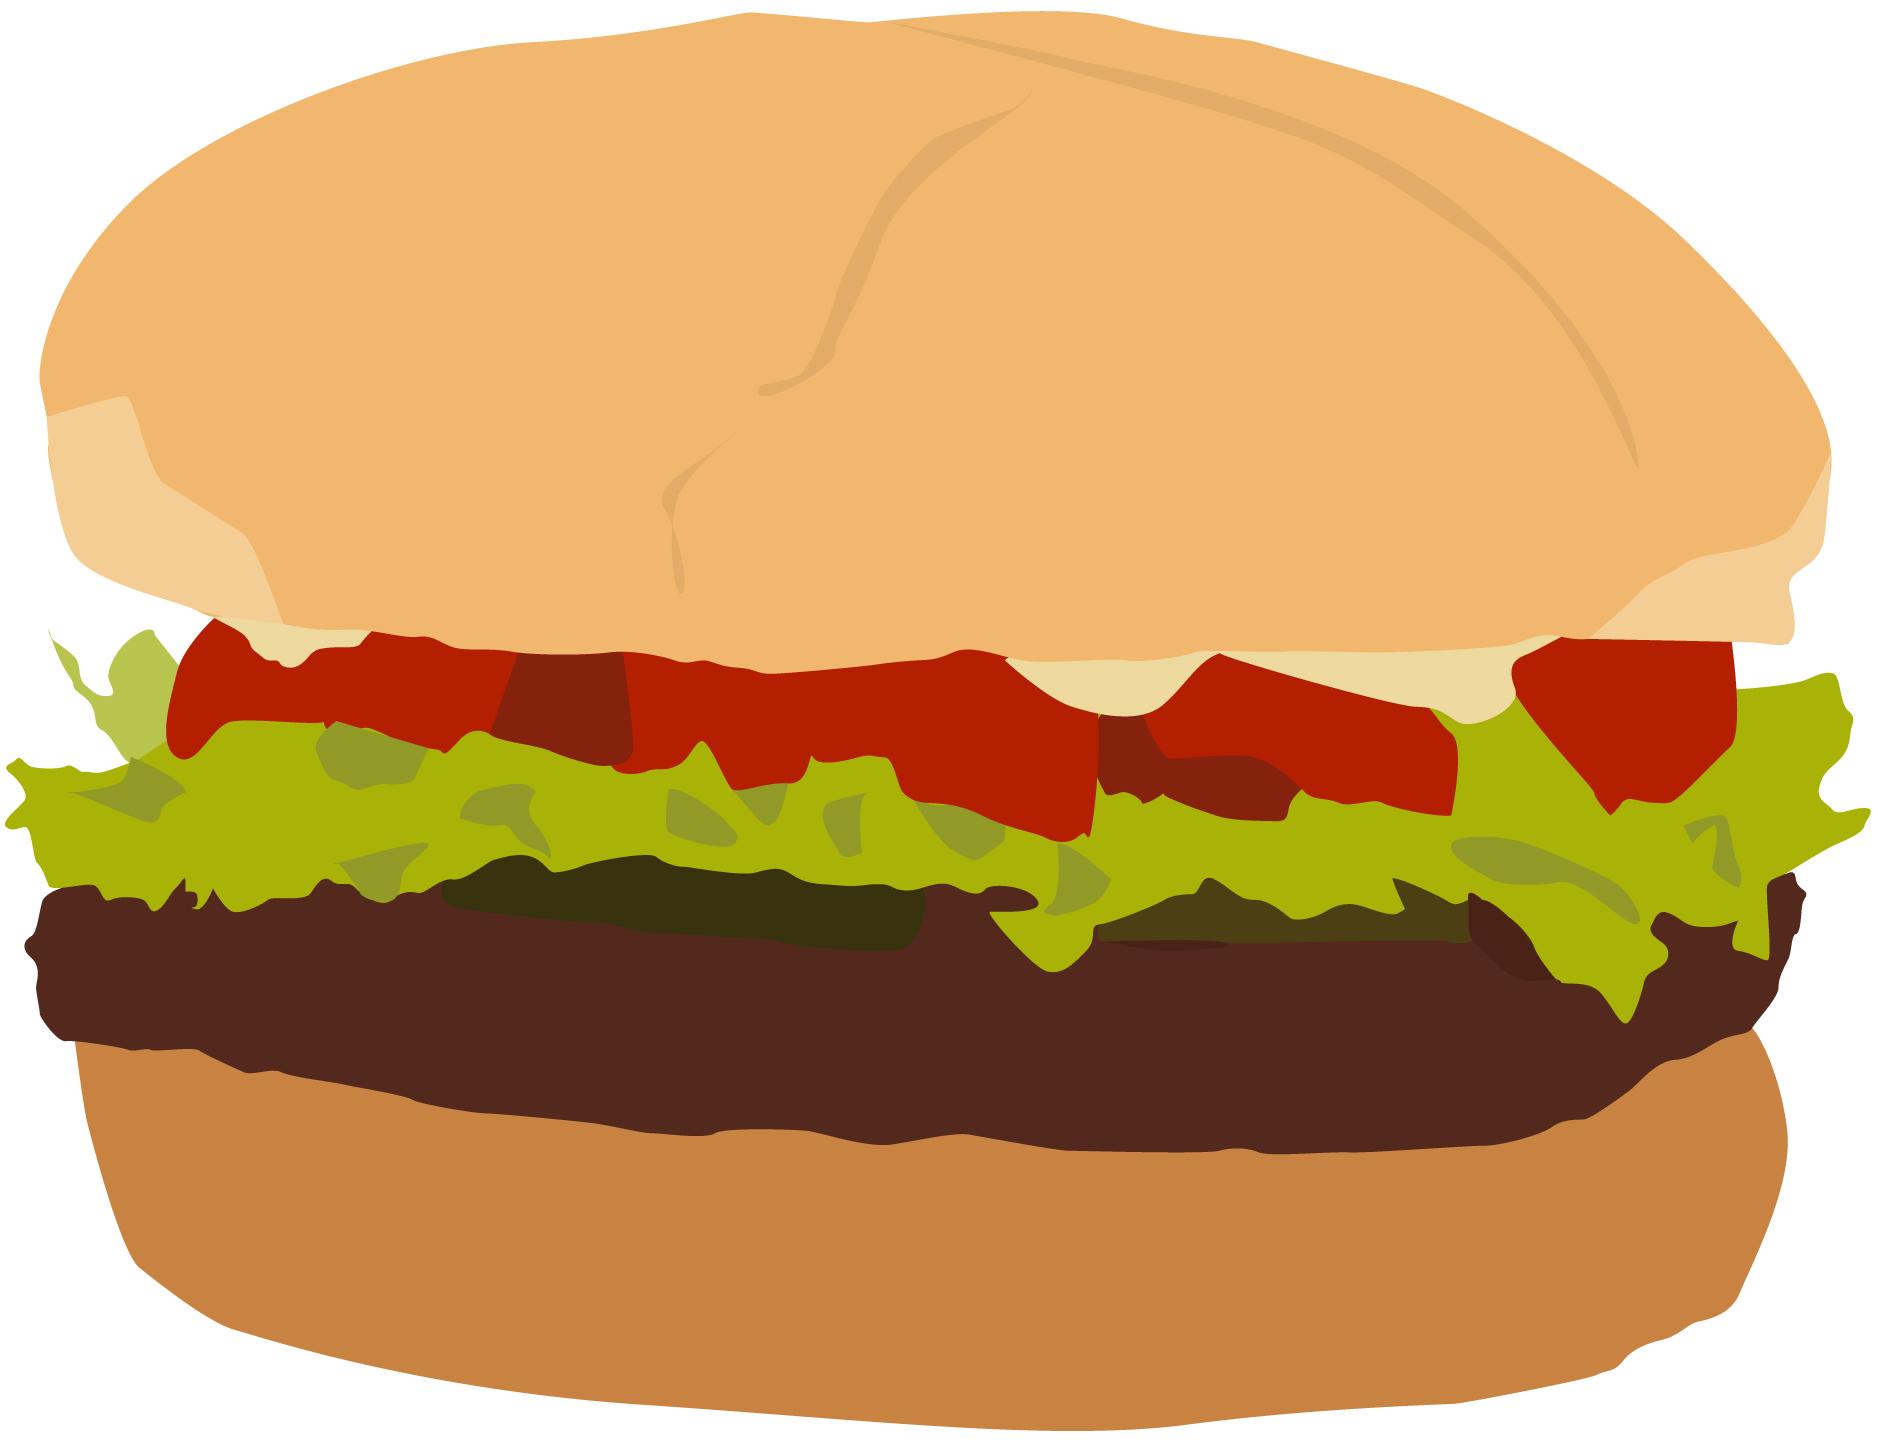 Burger clipart cookout Plain #2998 to Print Clip